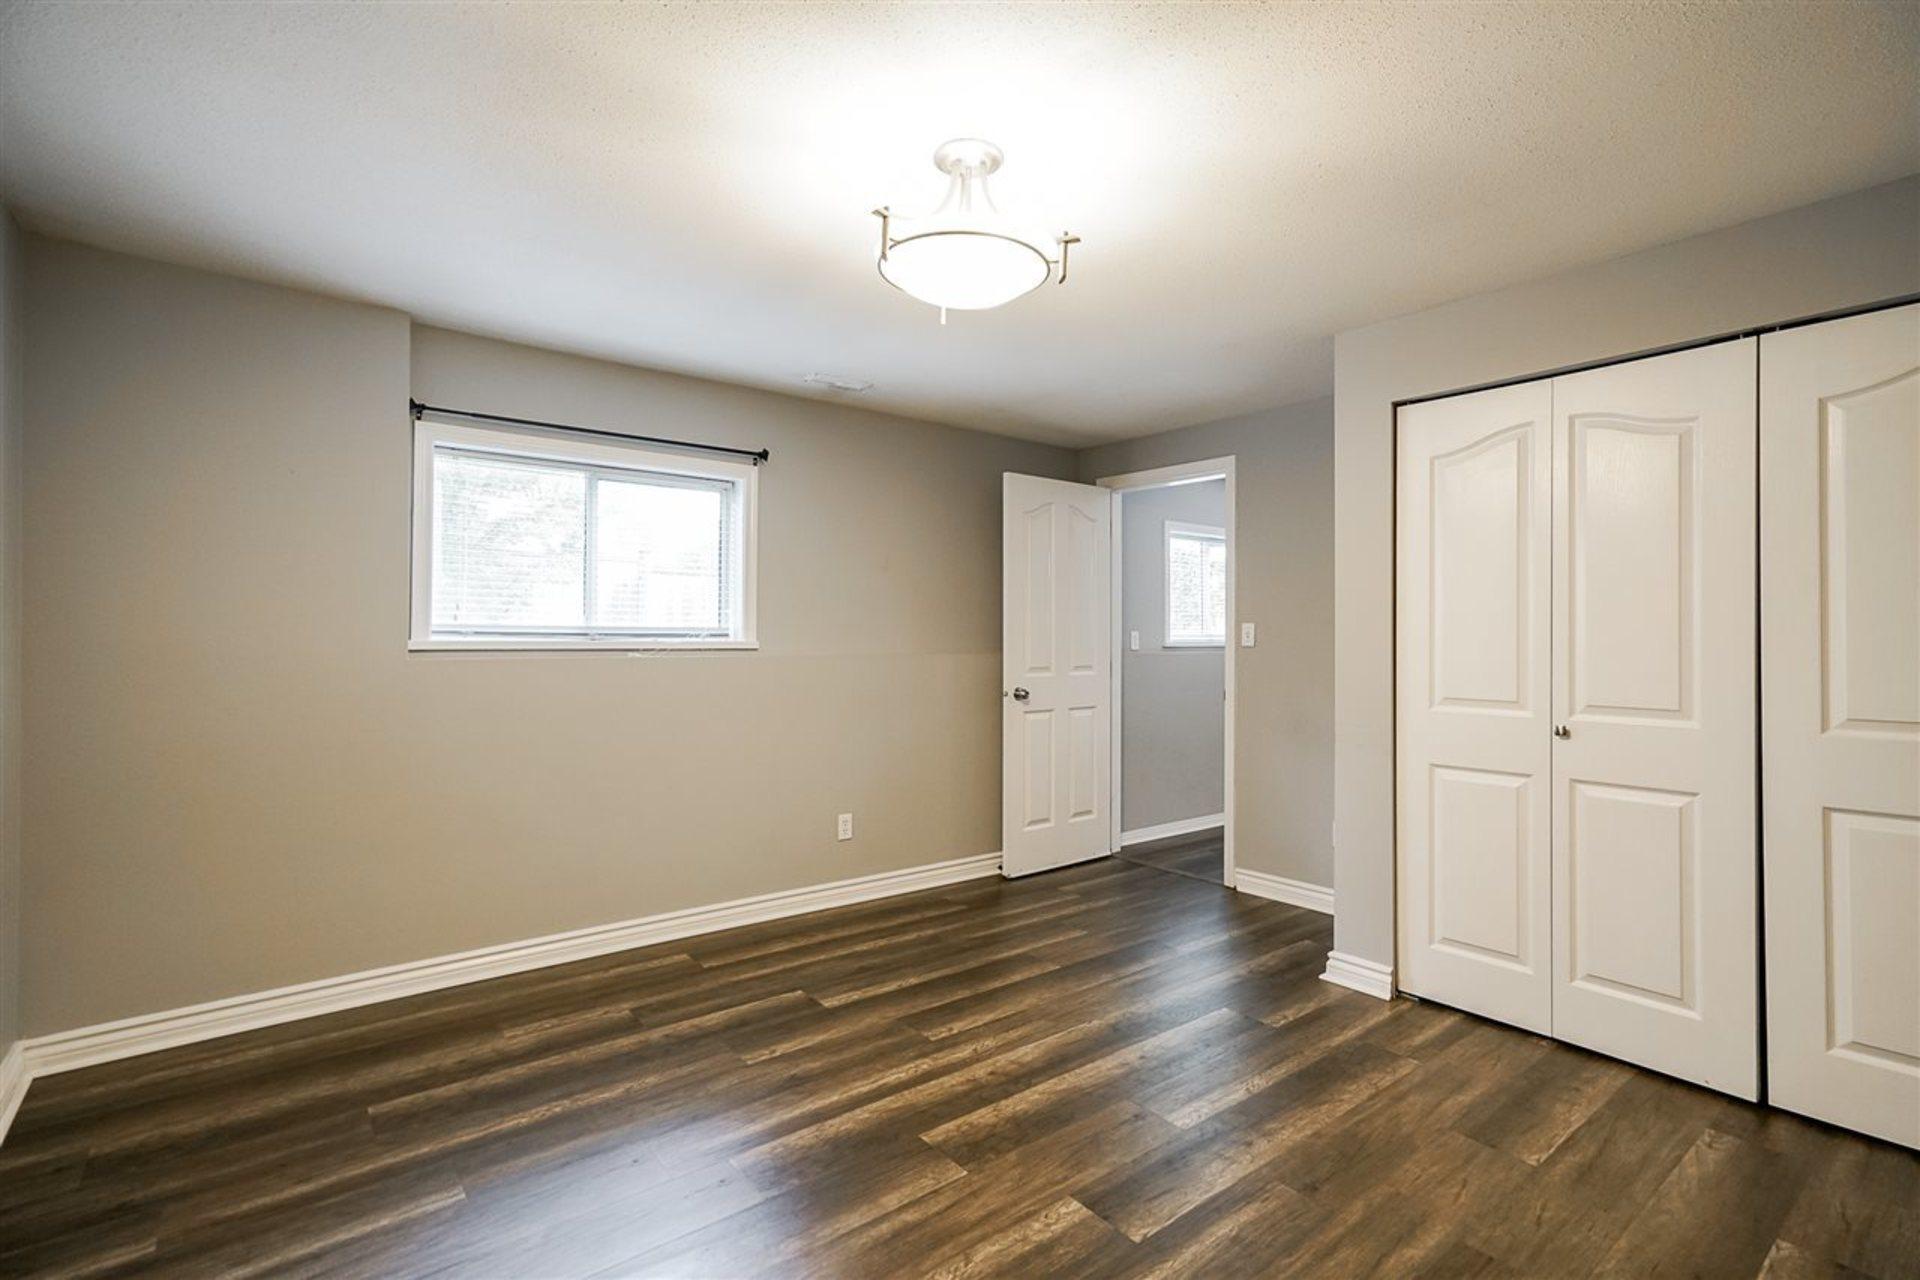 22110-122-avenue-west-central-maple-ridge-21 of 22110 122 Avenue, West Central, Maple Ridge